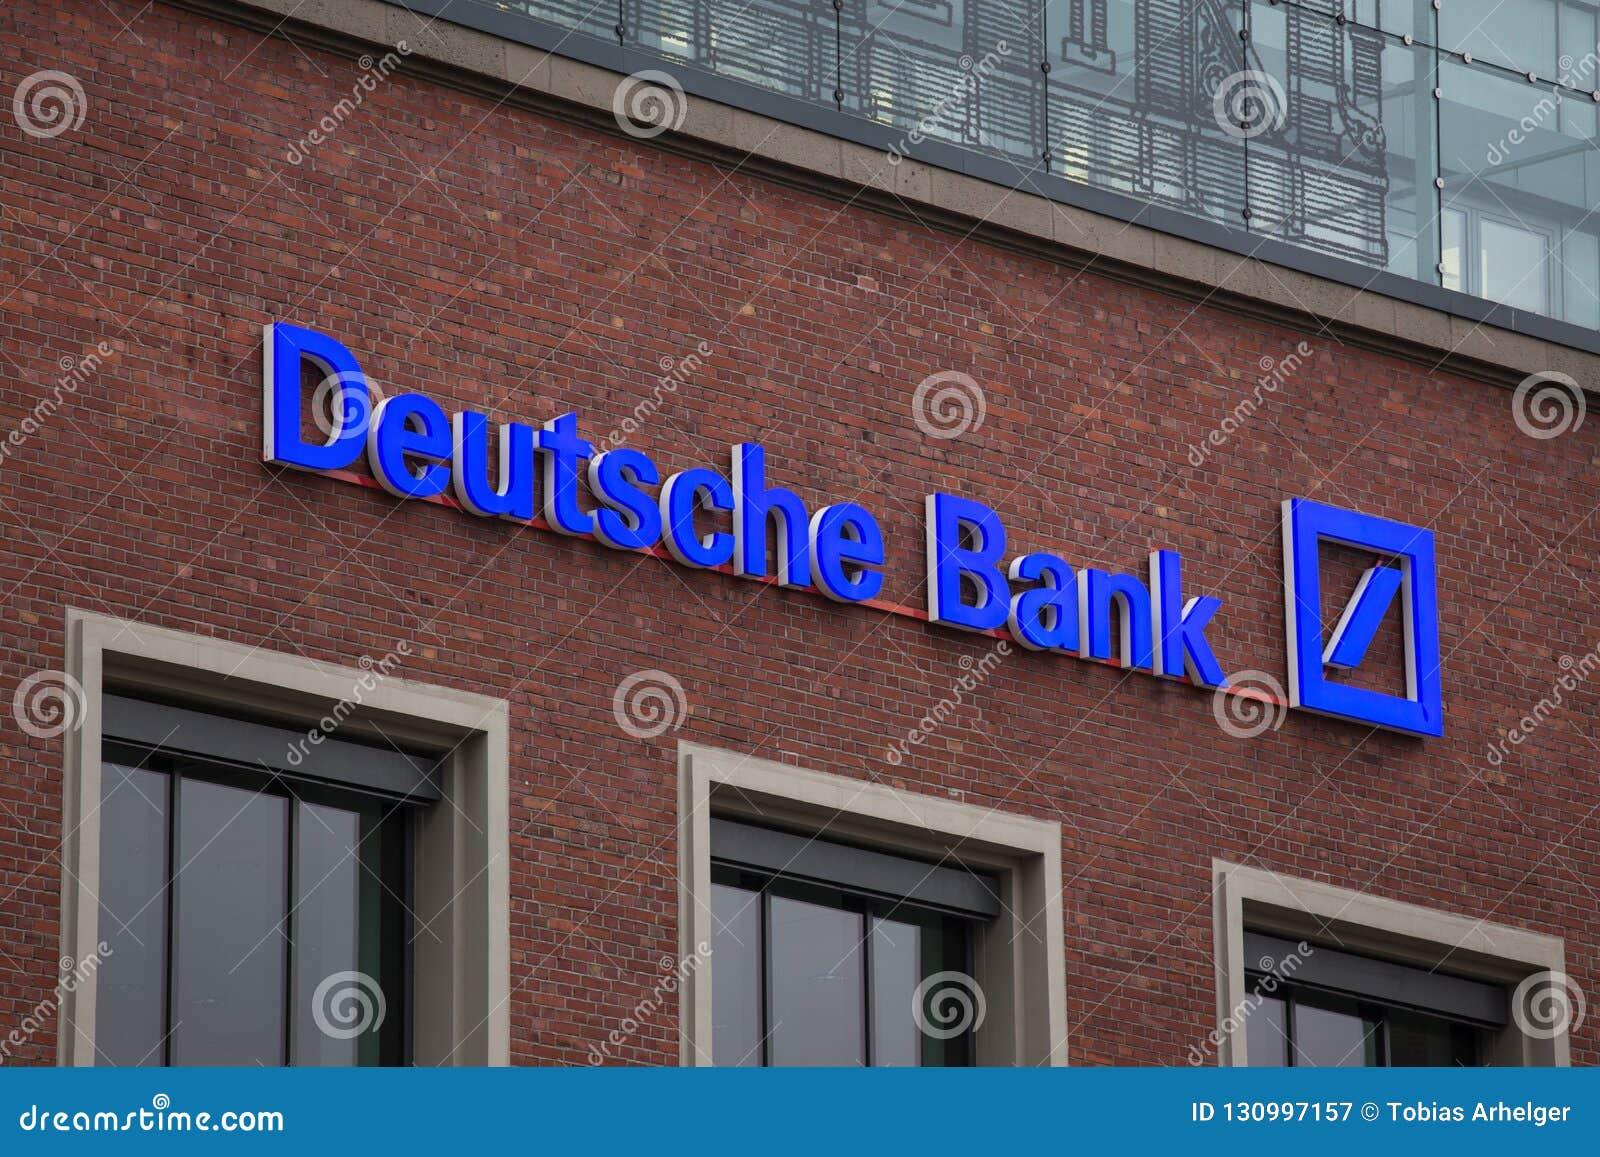 Essen Północny Westphalia, Germany,/- 18 10 18: deutsche bank podpisuje wewnątrz Essen Germany